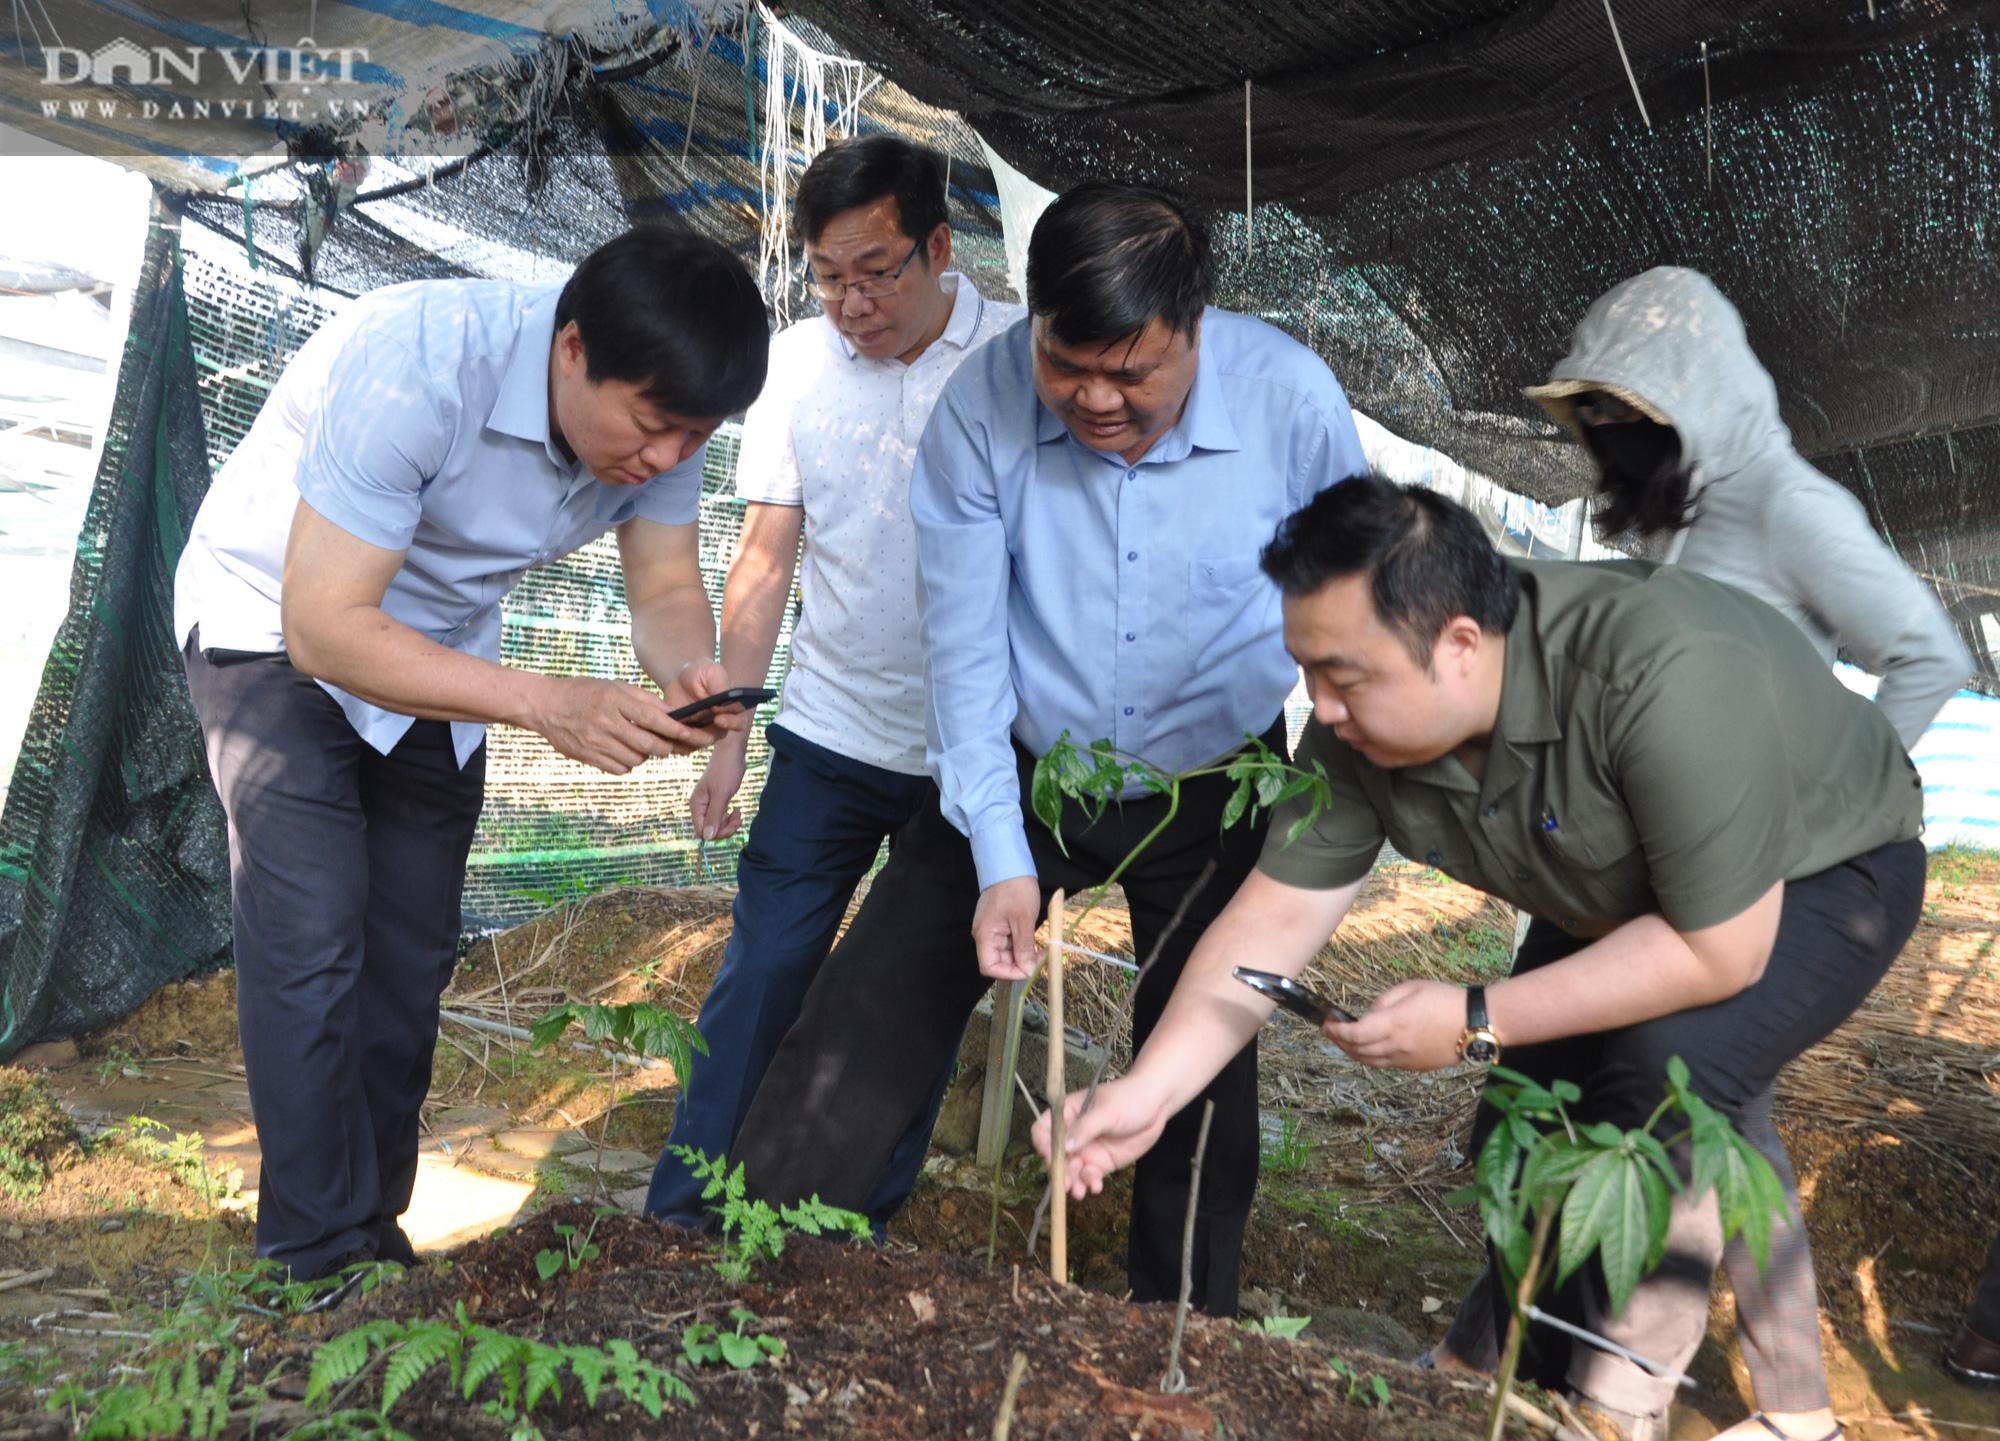 Bất ngờ: Nông dân huyện biên giới lần đầu thuần phục thành công loài sâm rừng, có loại trị giá 200 triệu đồng/kg - Ảnh 3.